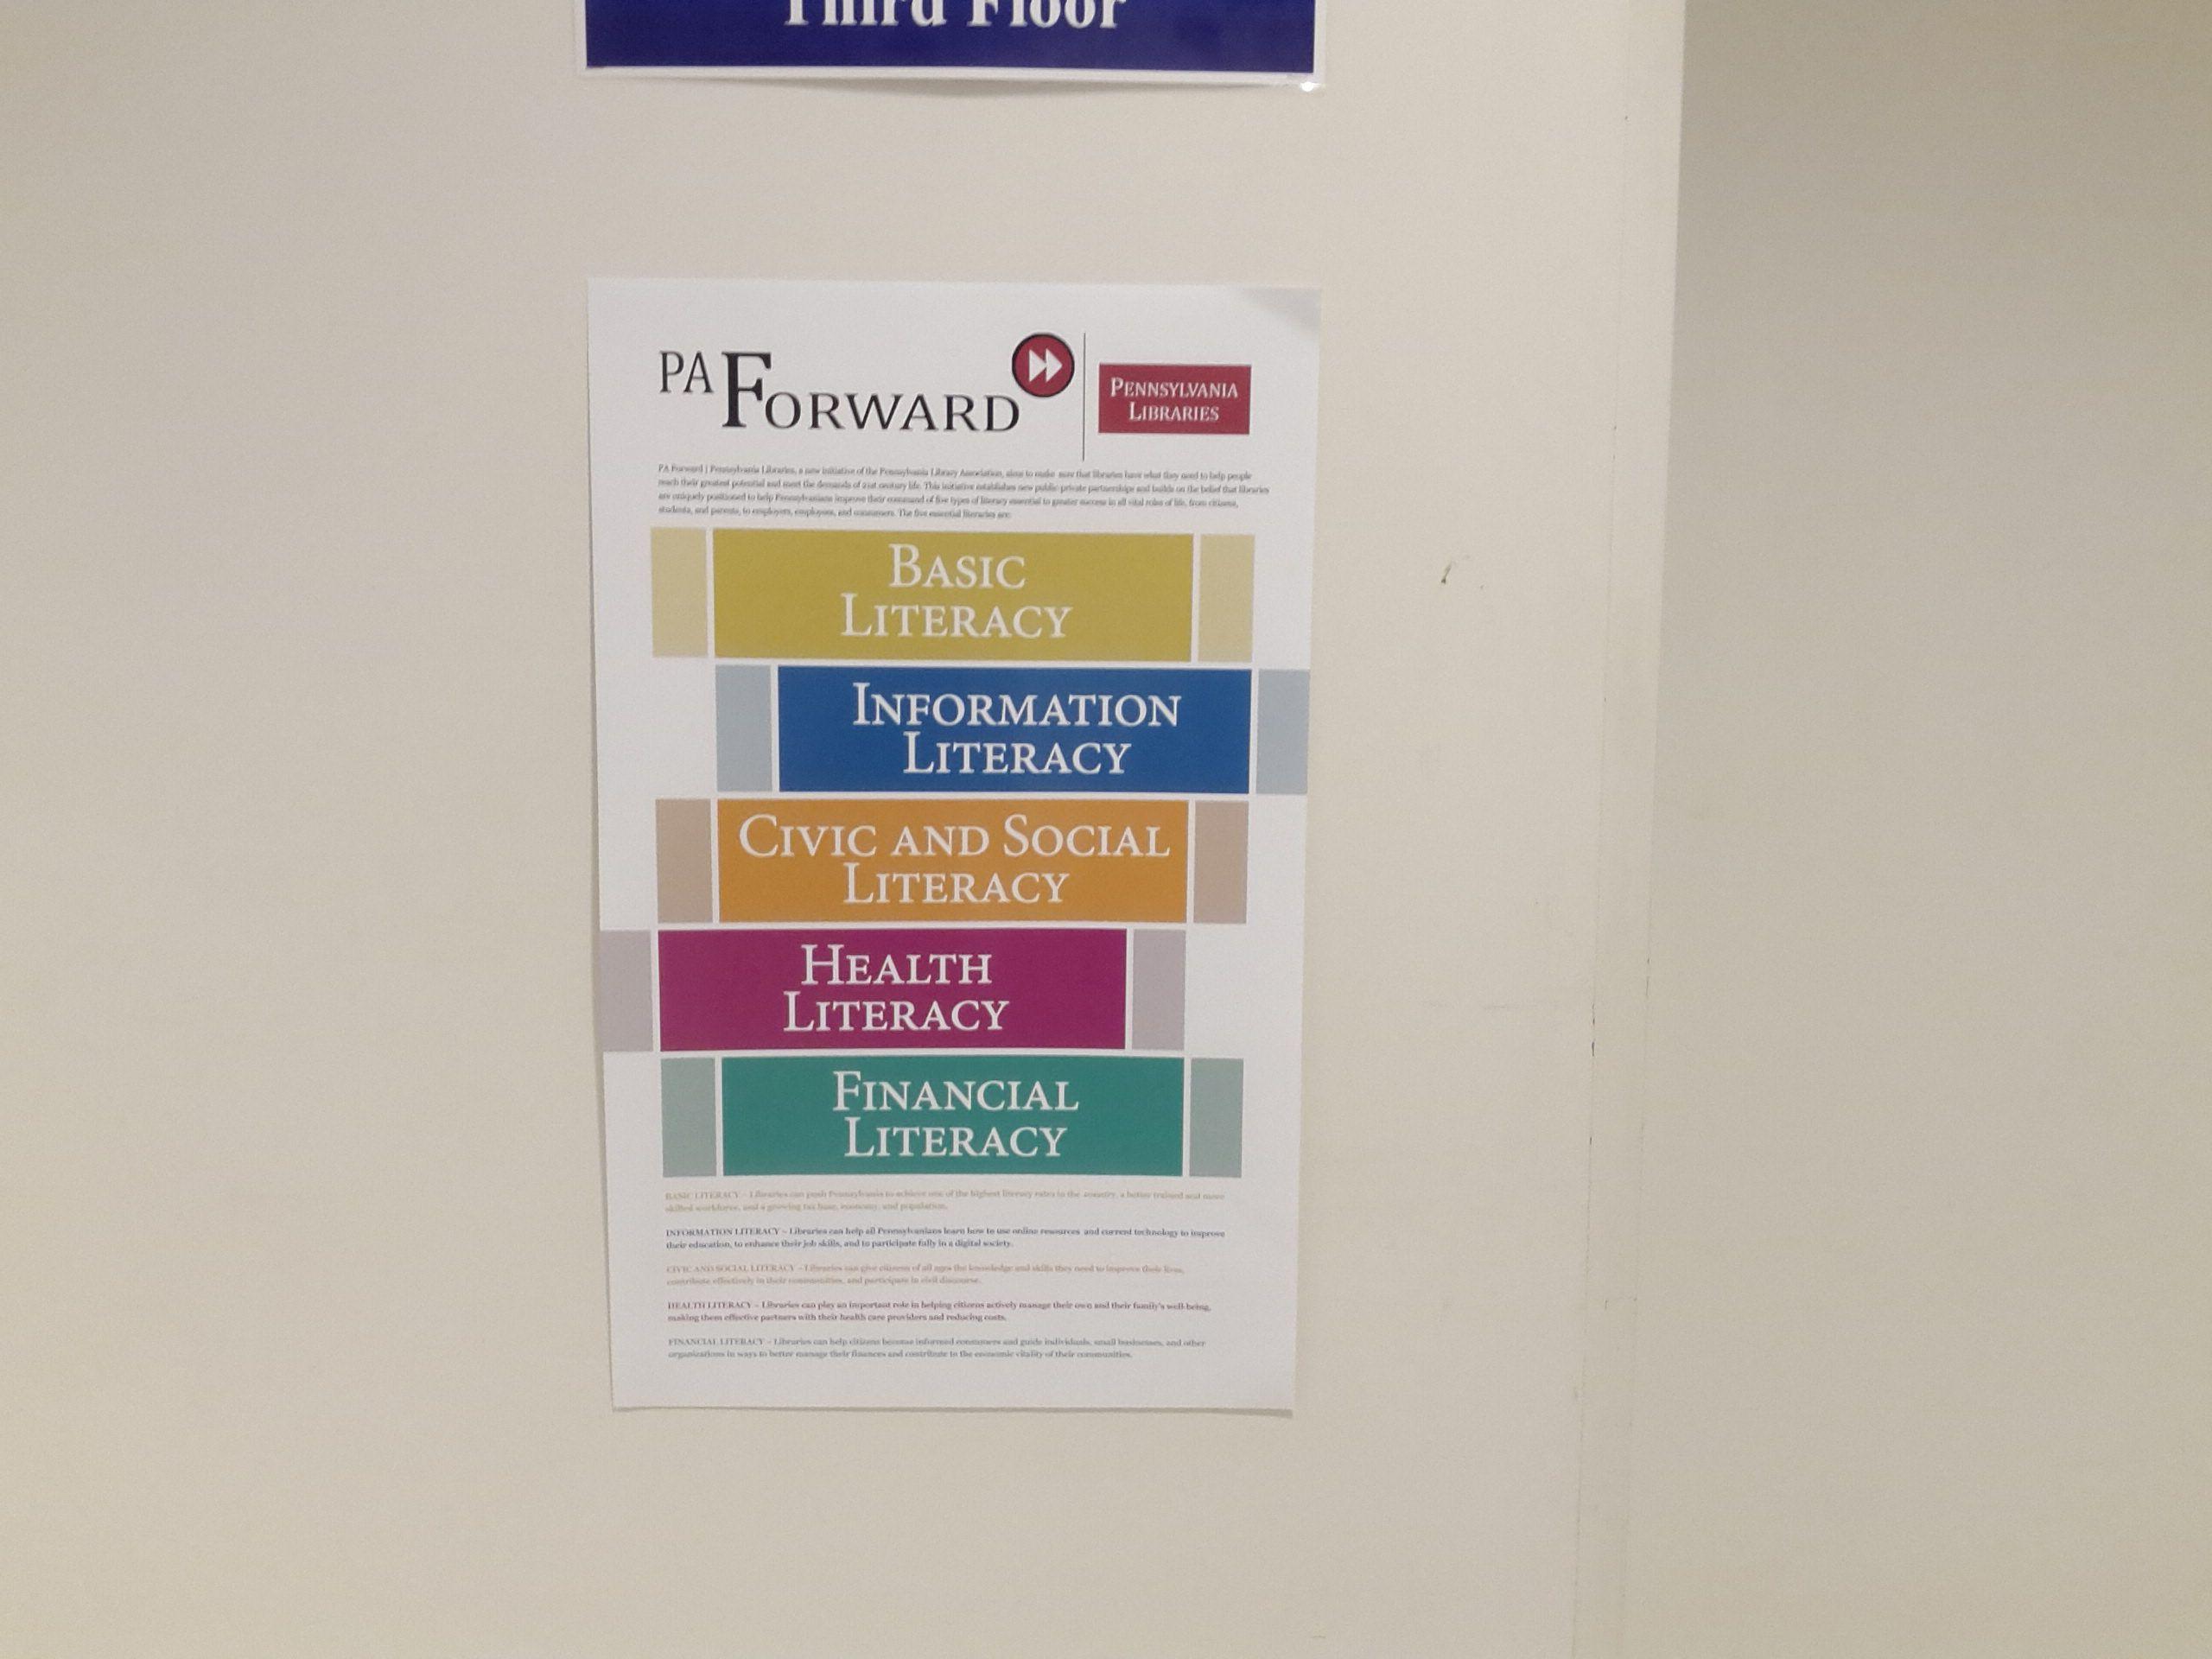 Poster At James V Brown Library Explaining Pa Forward